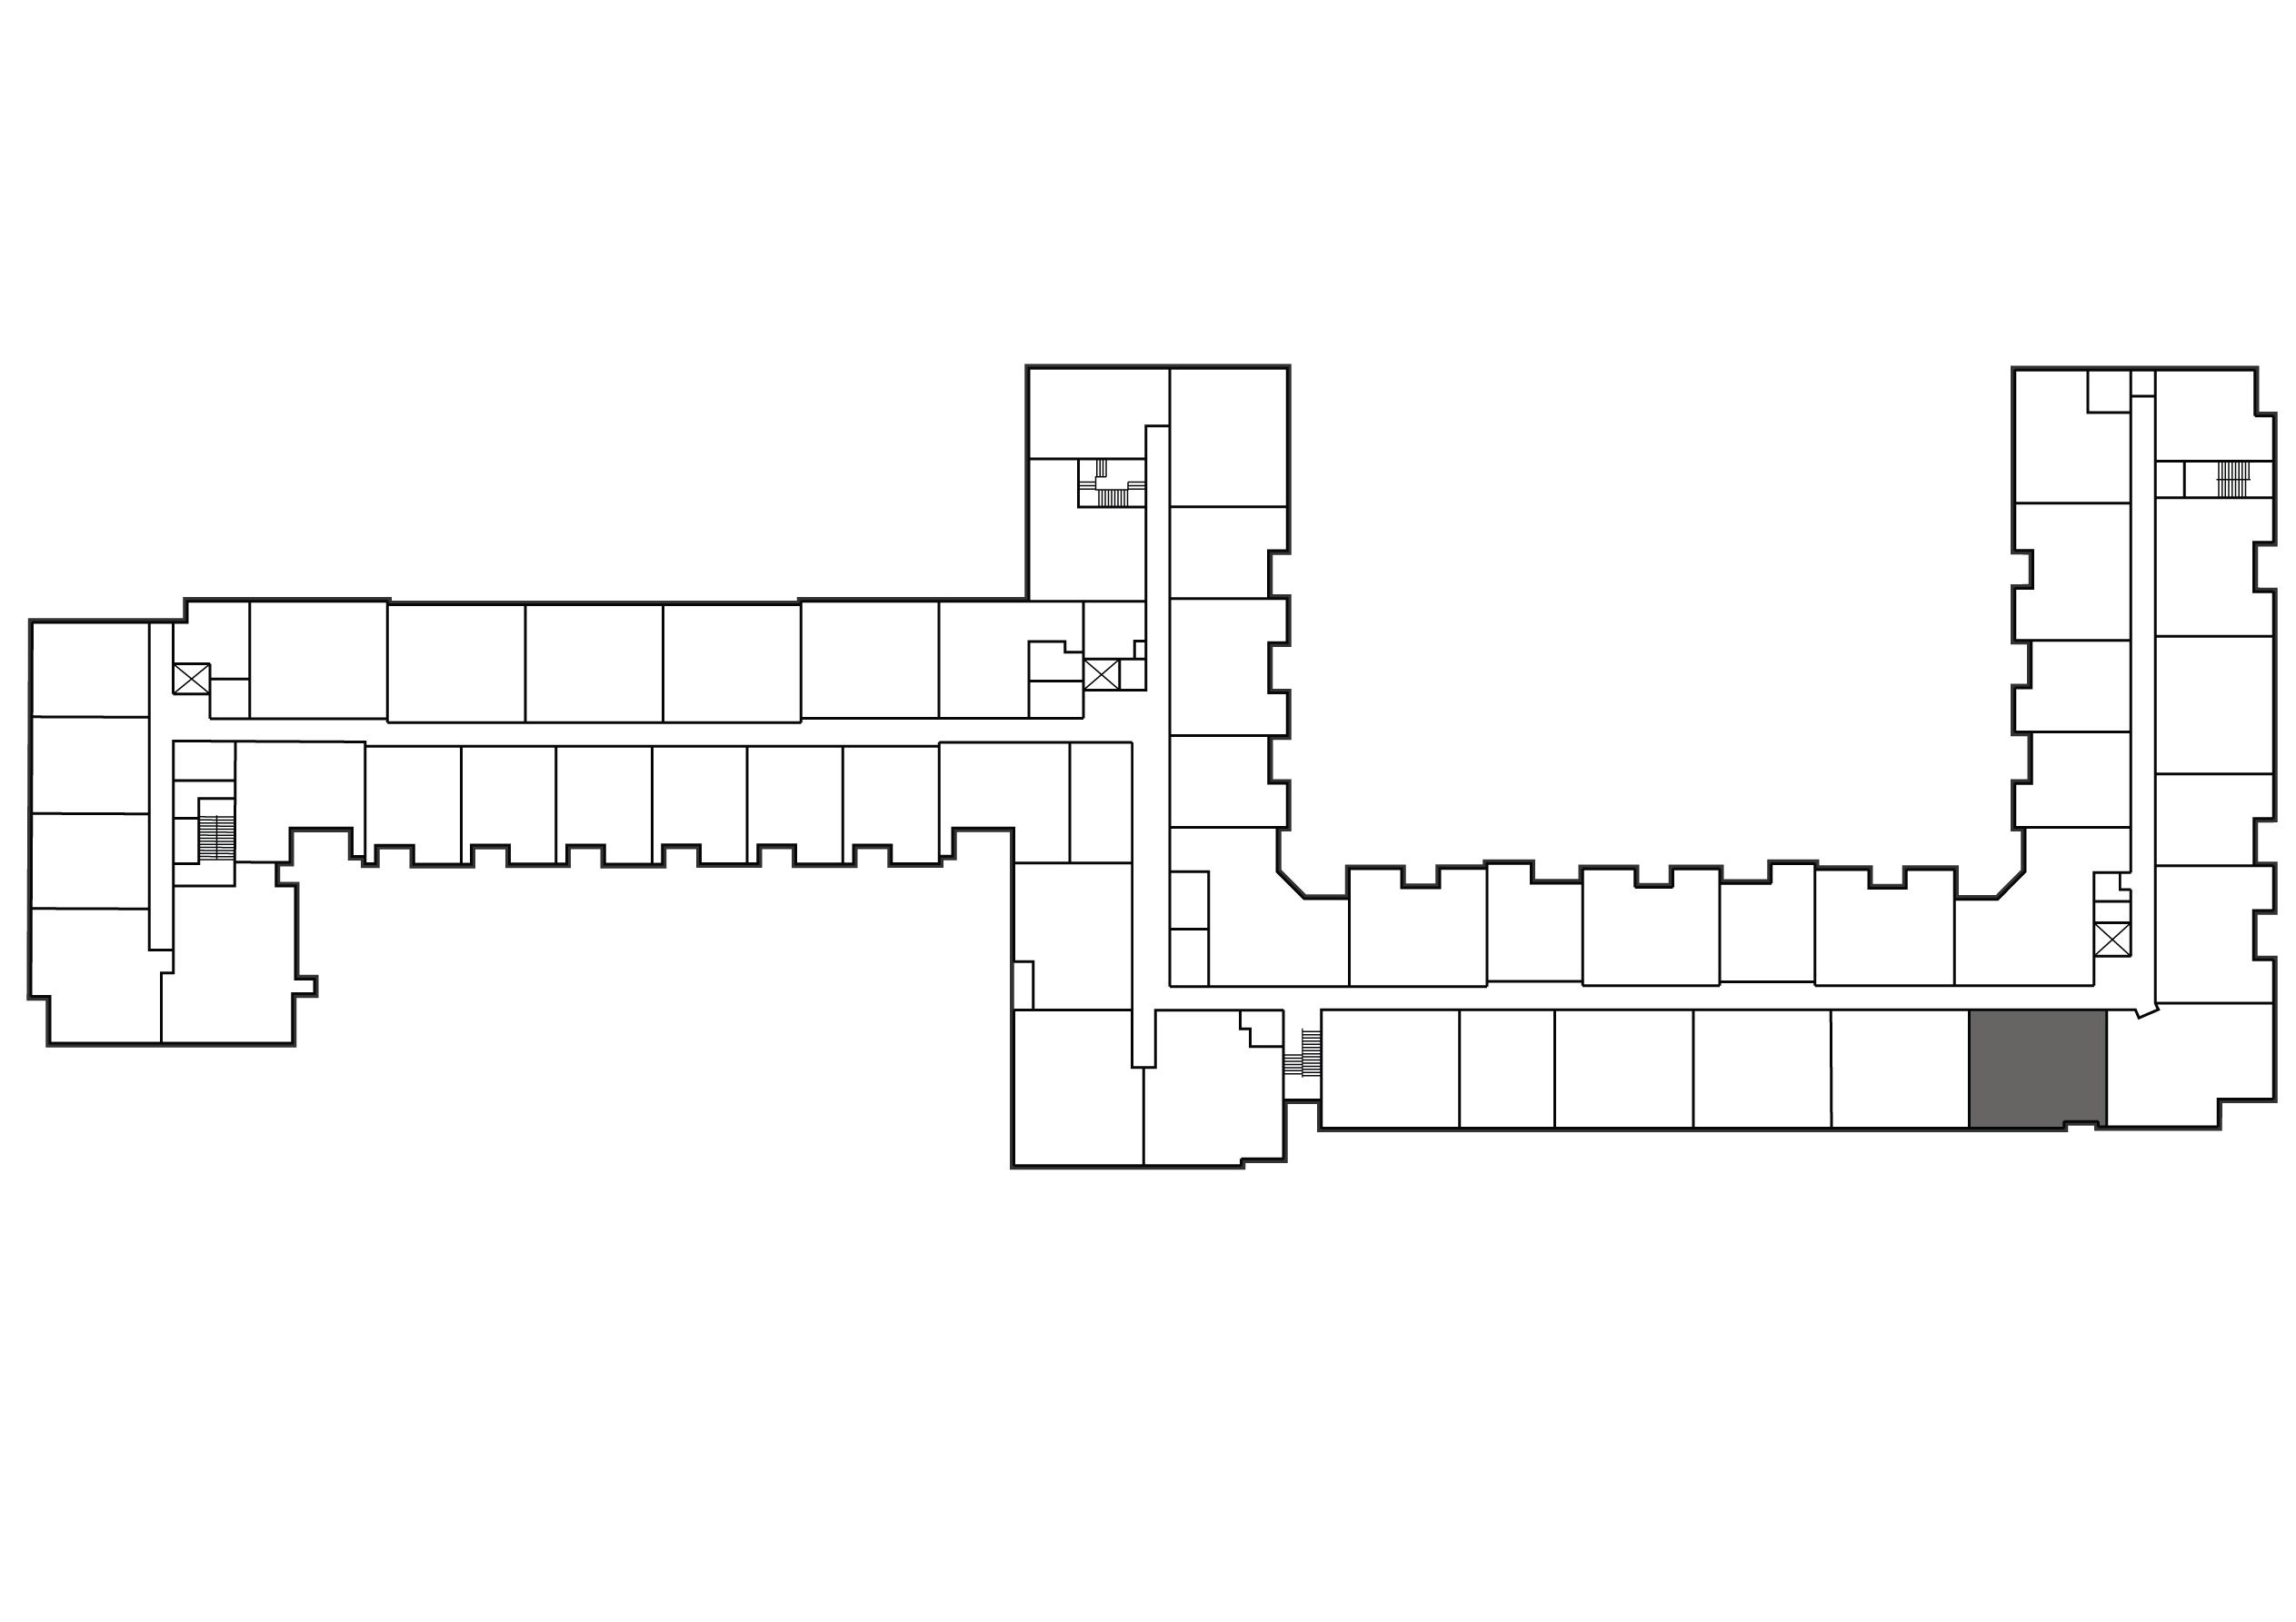 Unit 1340 keyplan